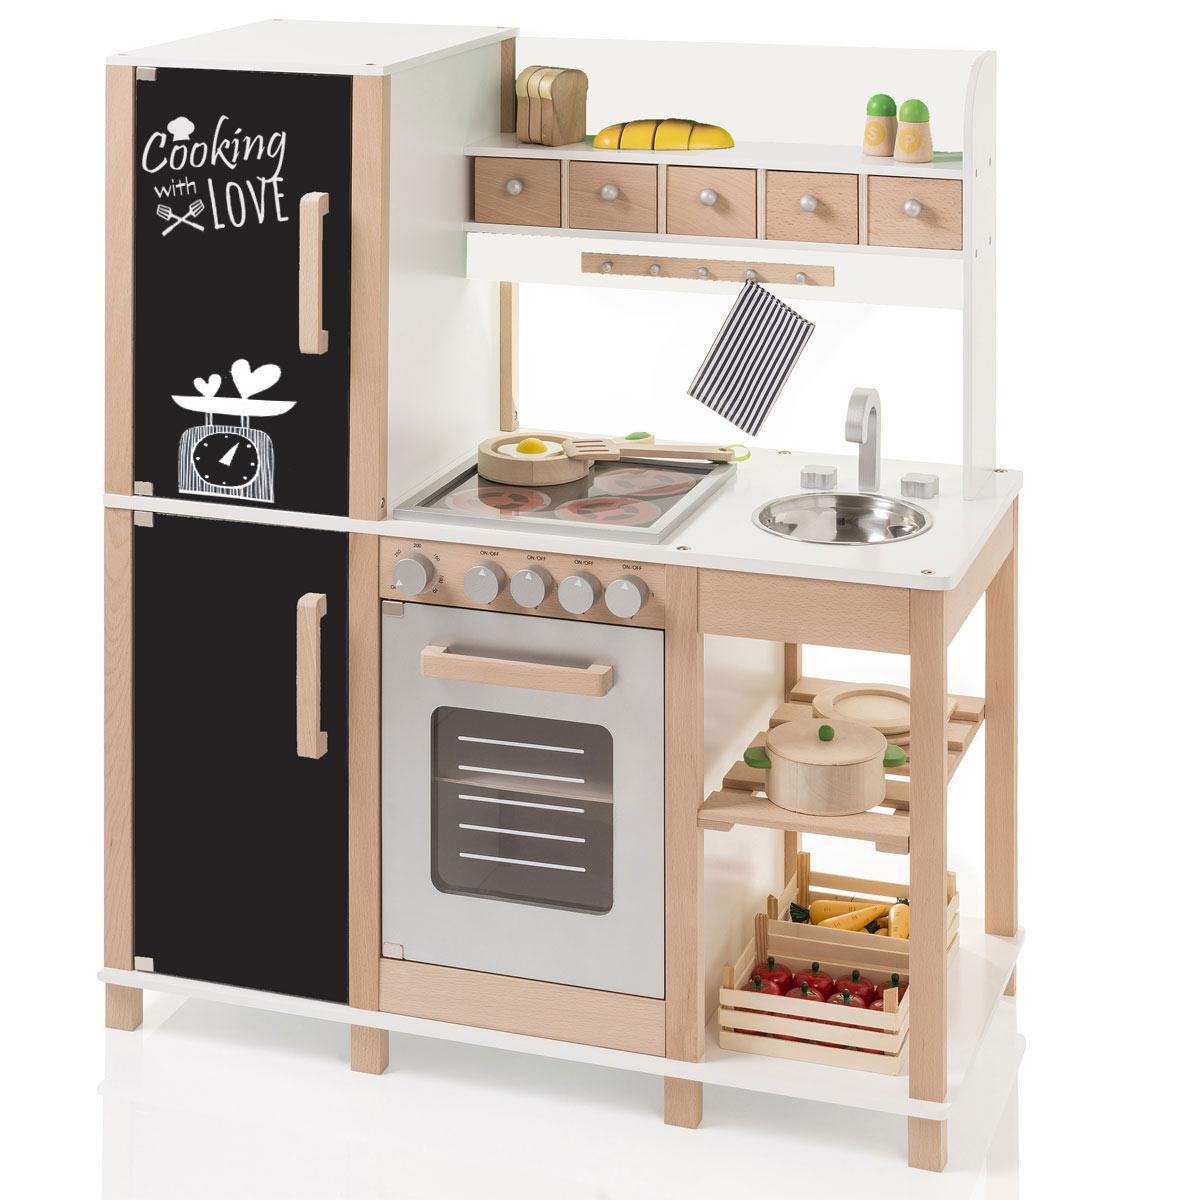 sun 04139 kinderk che mit tafel aus holz mit k hl. Black Bedroom Furniture Sets. Home Design Ideas